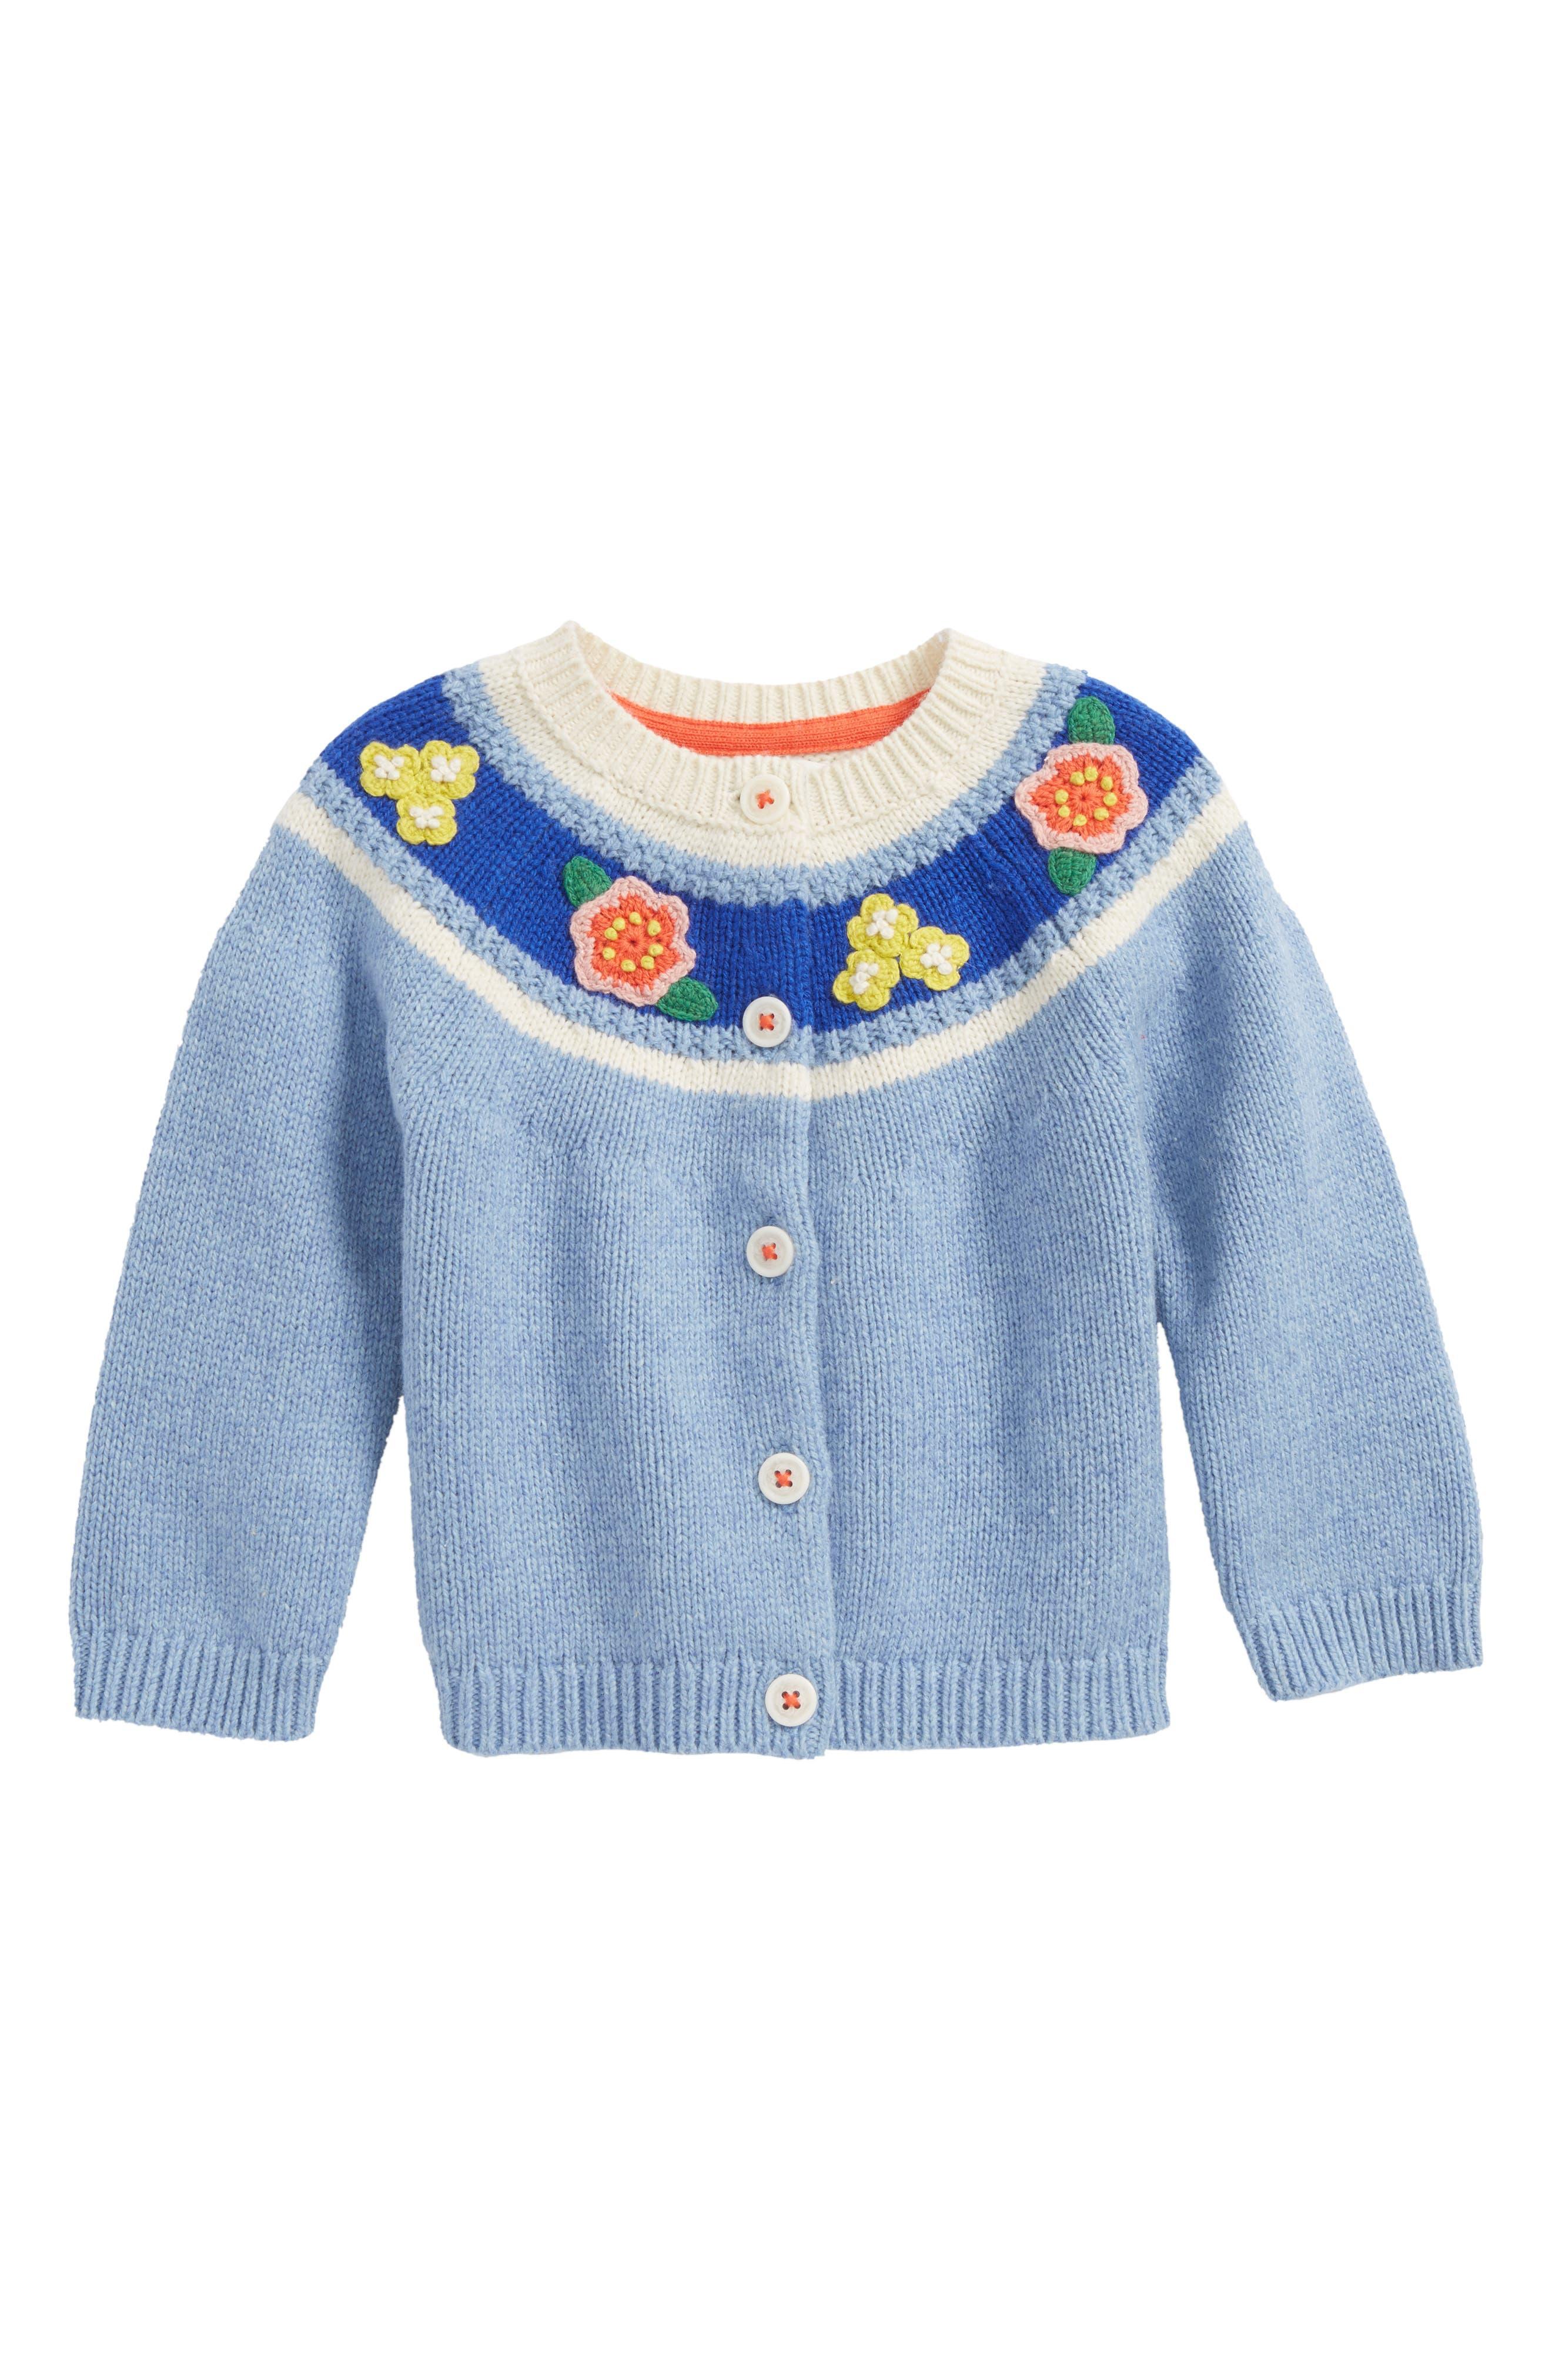 Main Image - Mini Boden Crochet Flower Cardigan (Baby Girls & Toddler Girls)